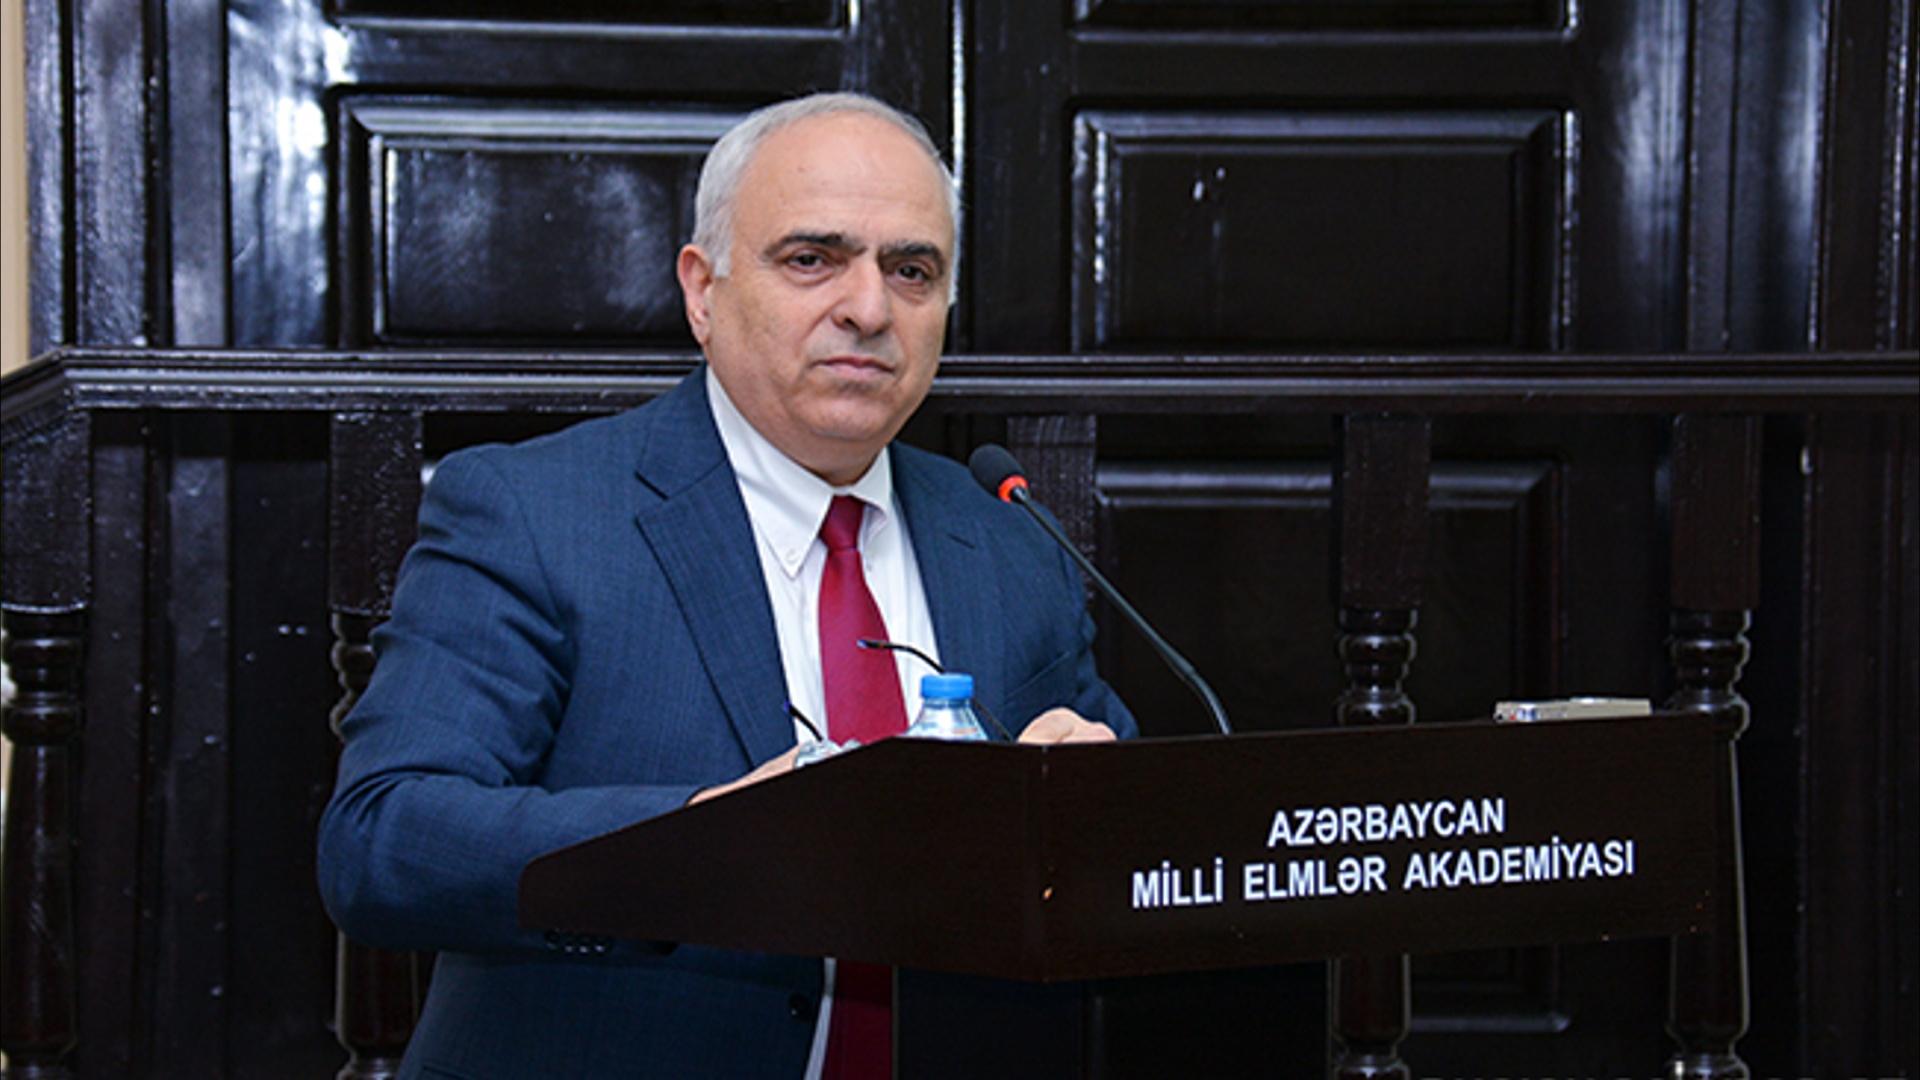 Yer elmləri üzrə elmi tədqiqatların vəziyyəti və perspektivlər müzakirə olunub